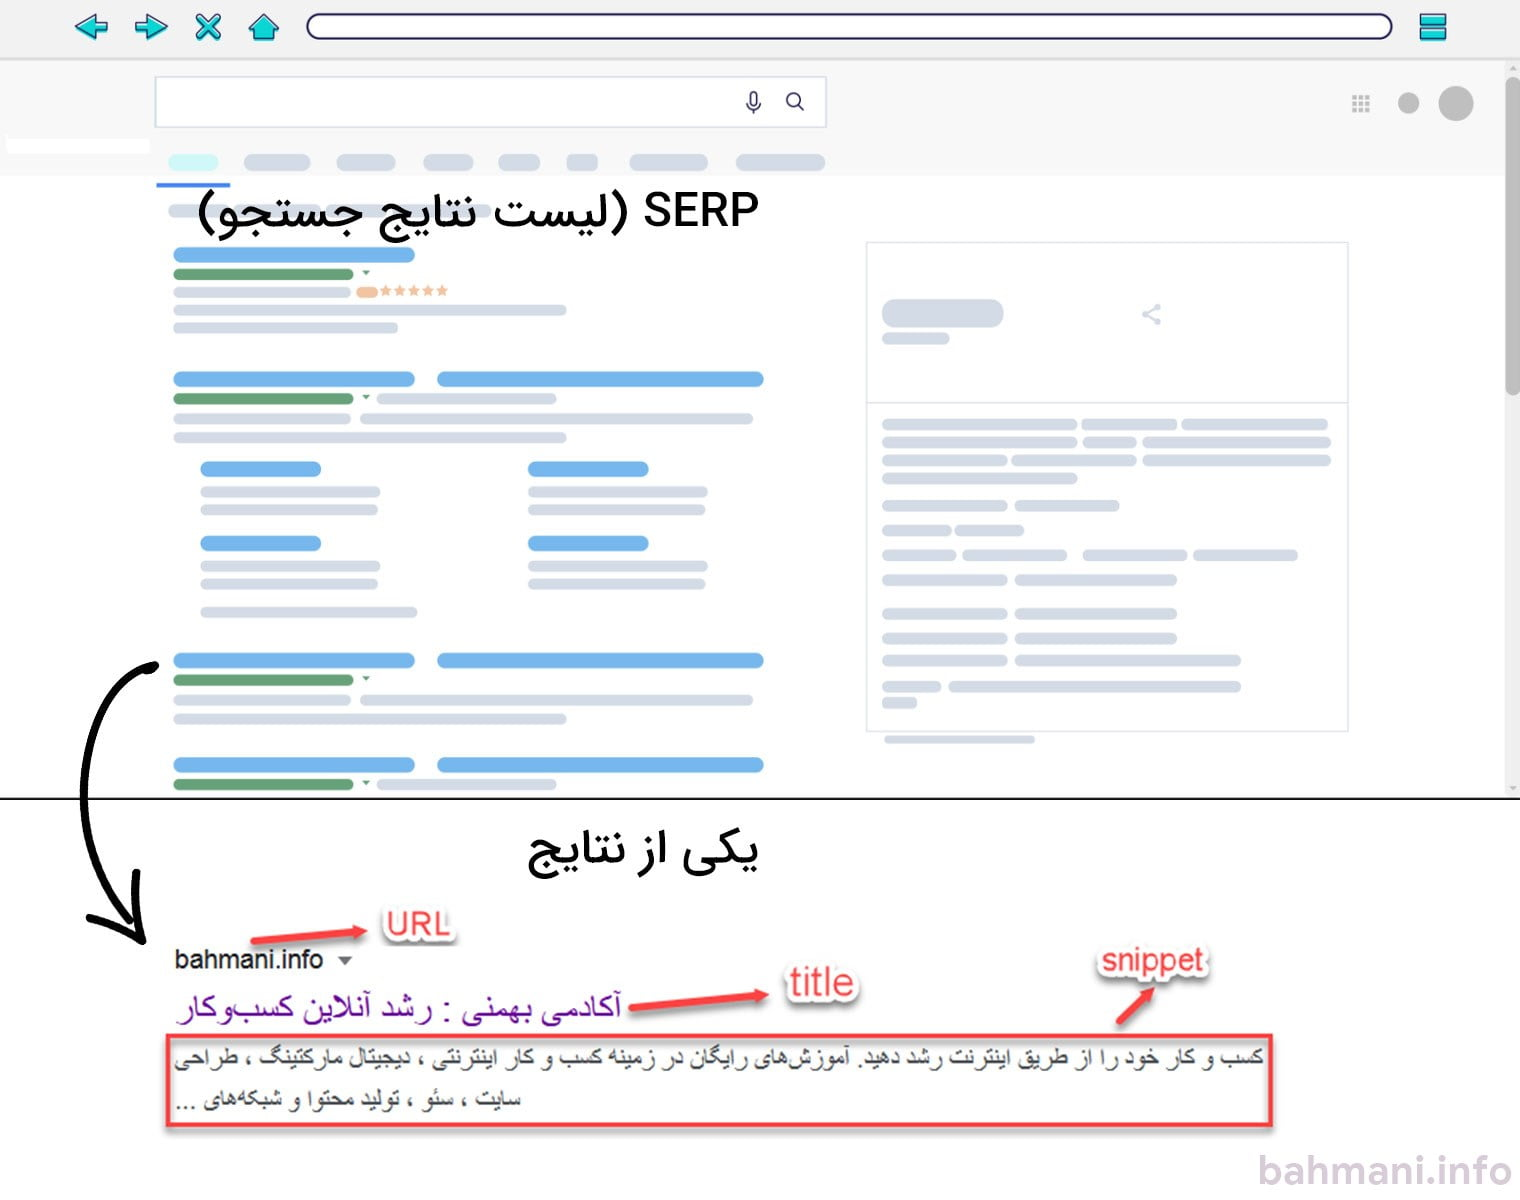 اسنیپت در لیست نتایج جستجو